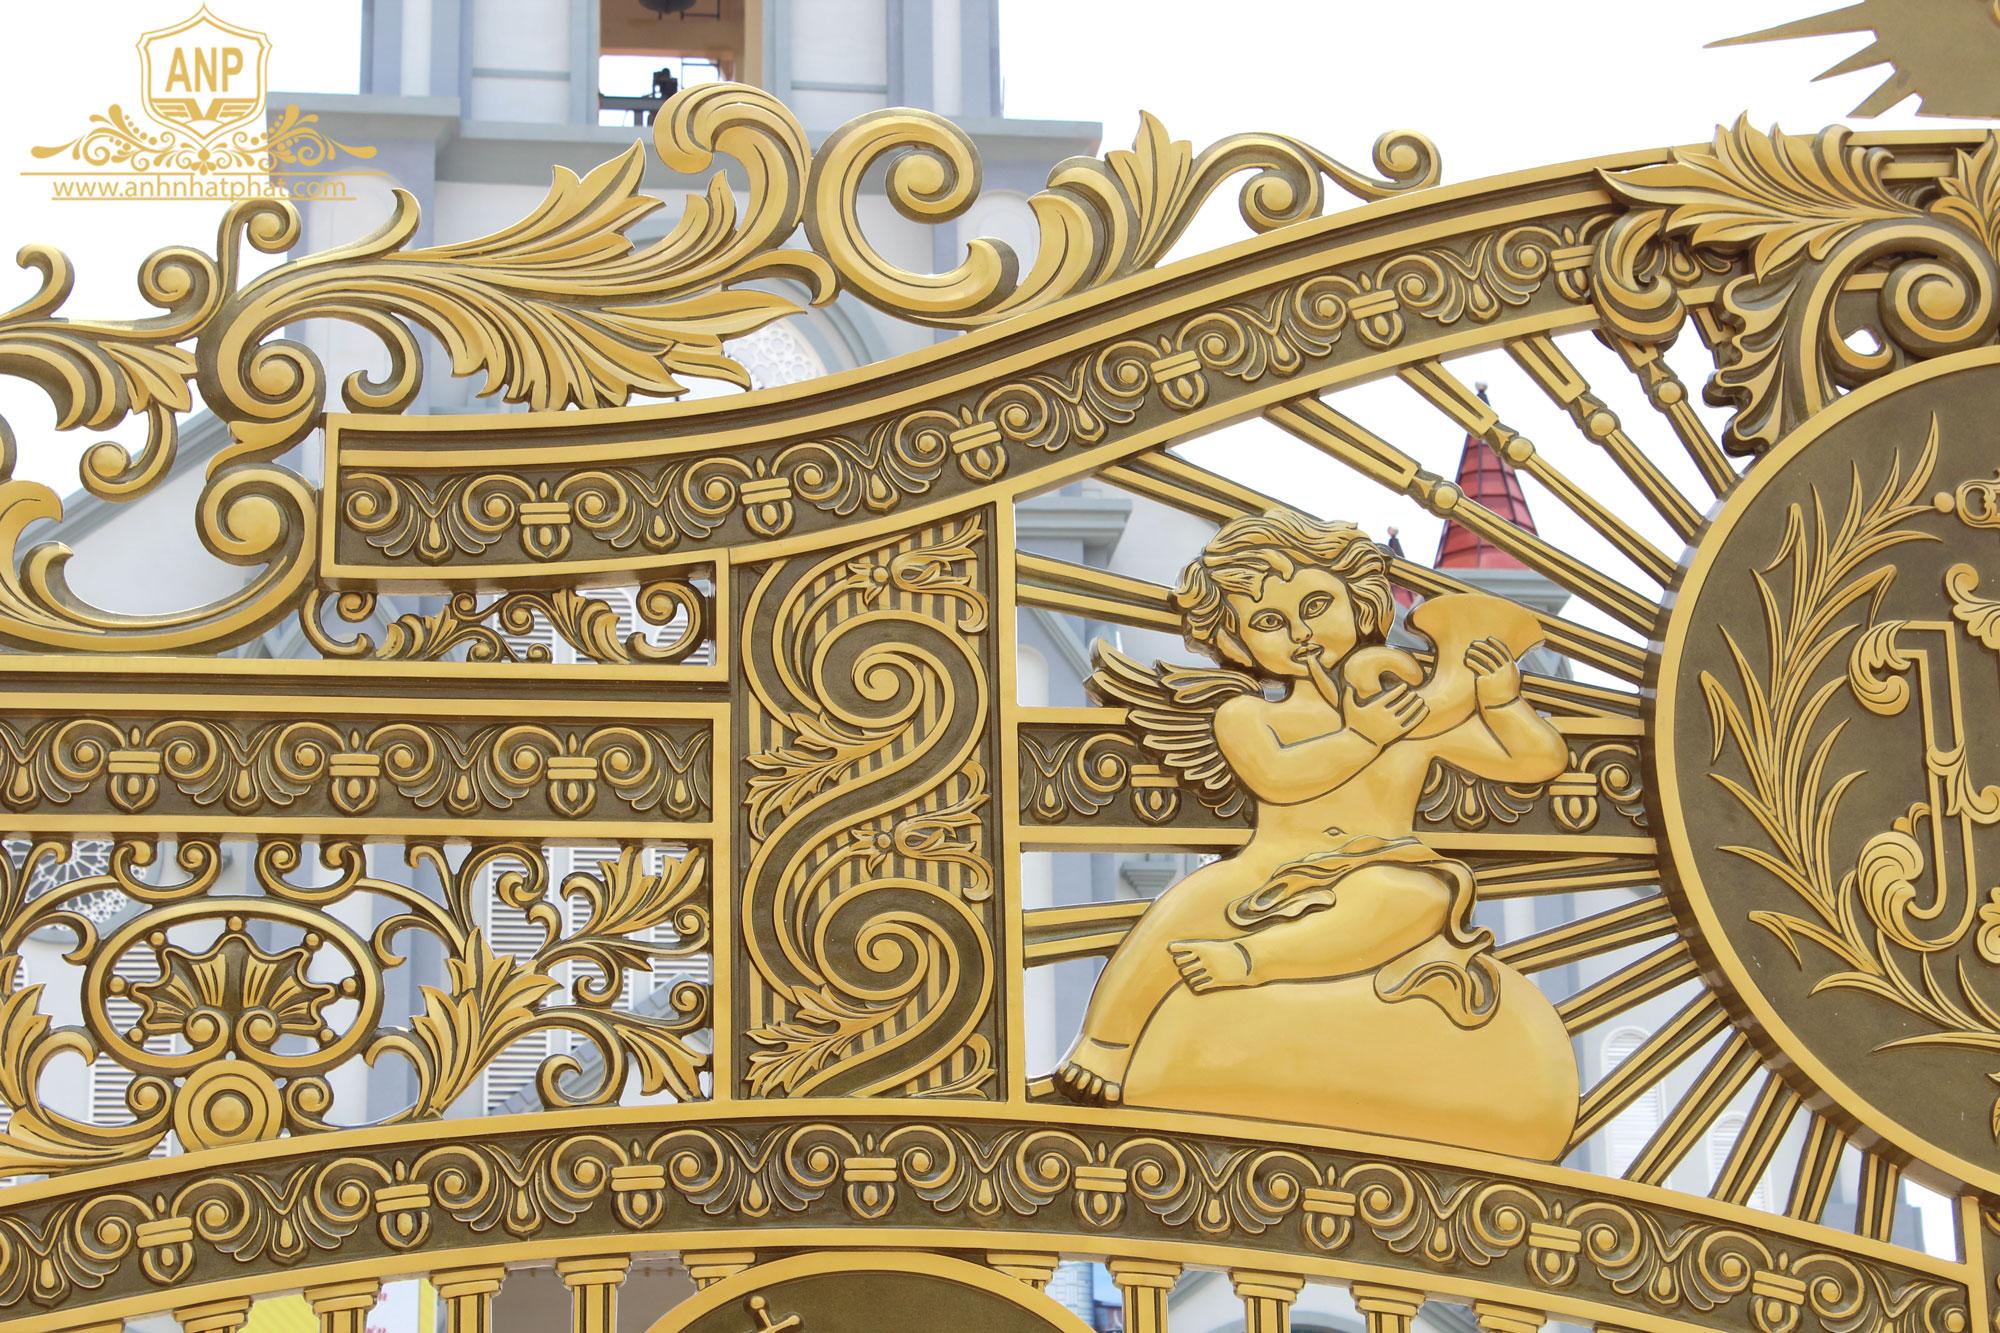 cổng nhôm đúc nhà thờ